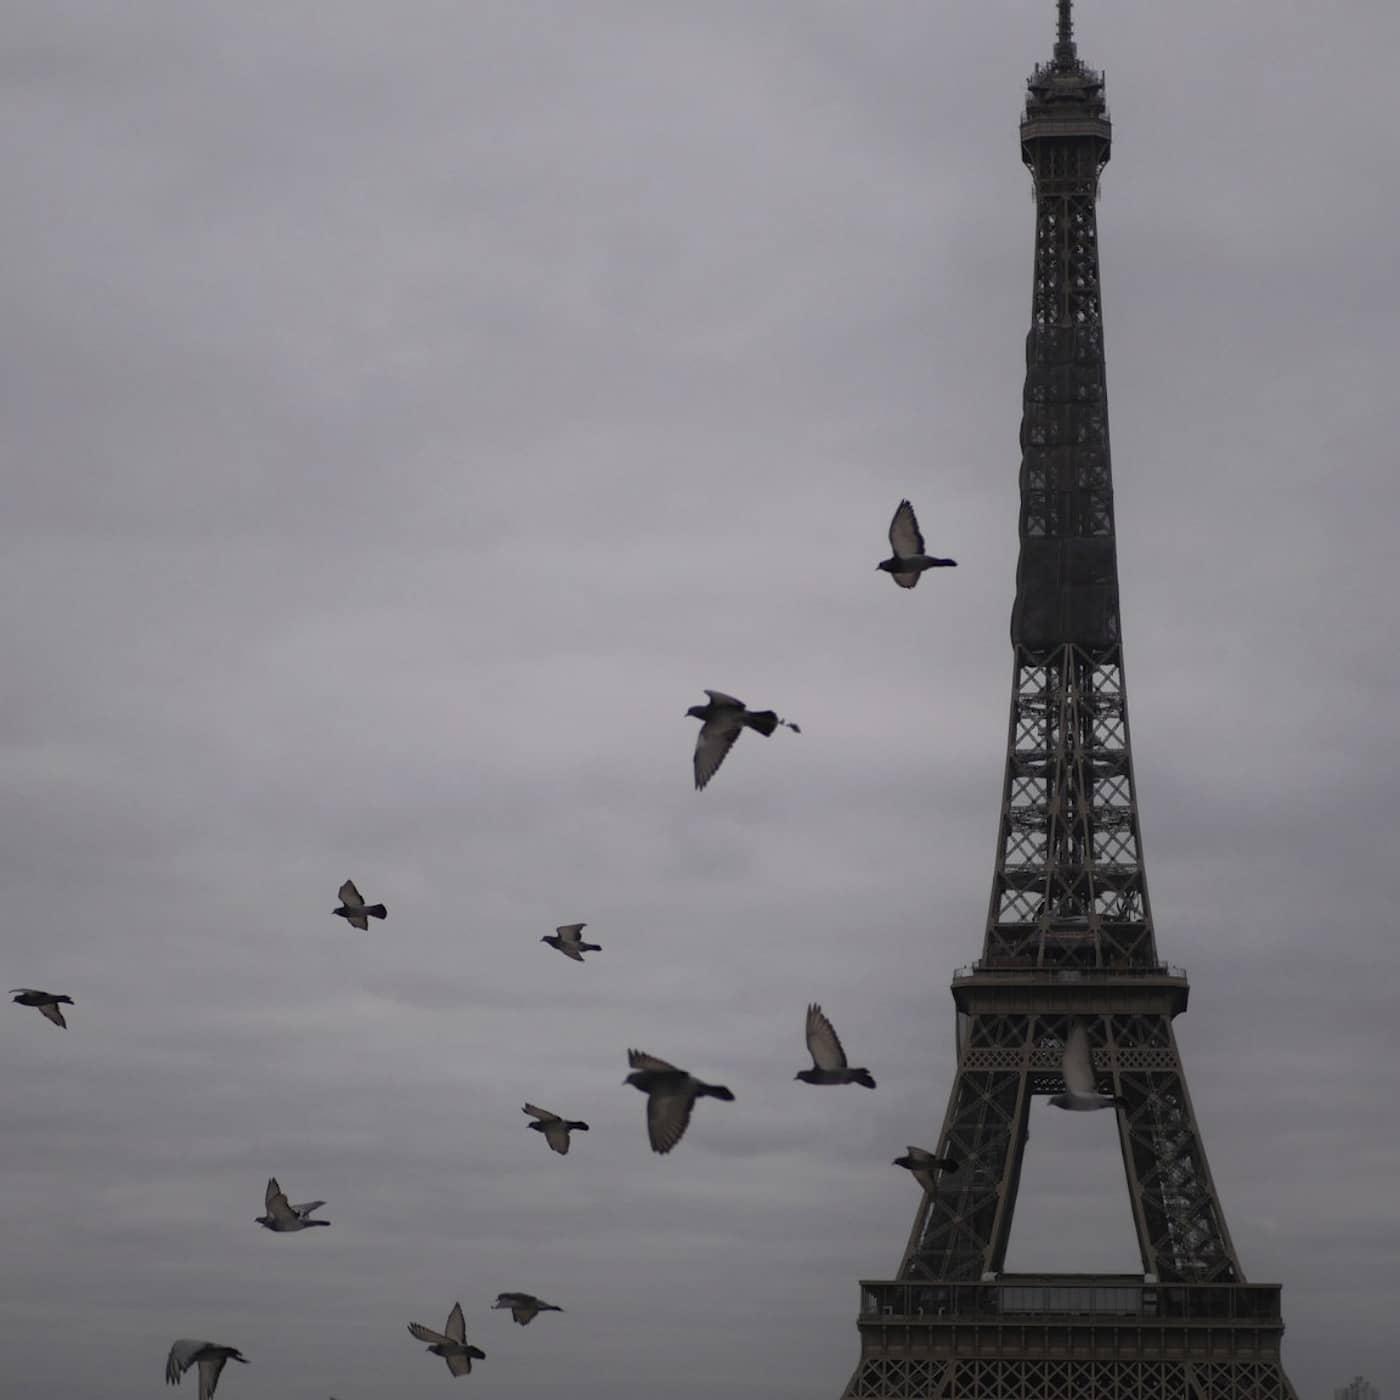 Bygg Eiffeltornet och erövra England – julklappsböcker och spel i Vetenskapsradion Historia